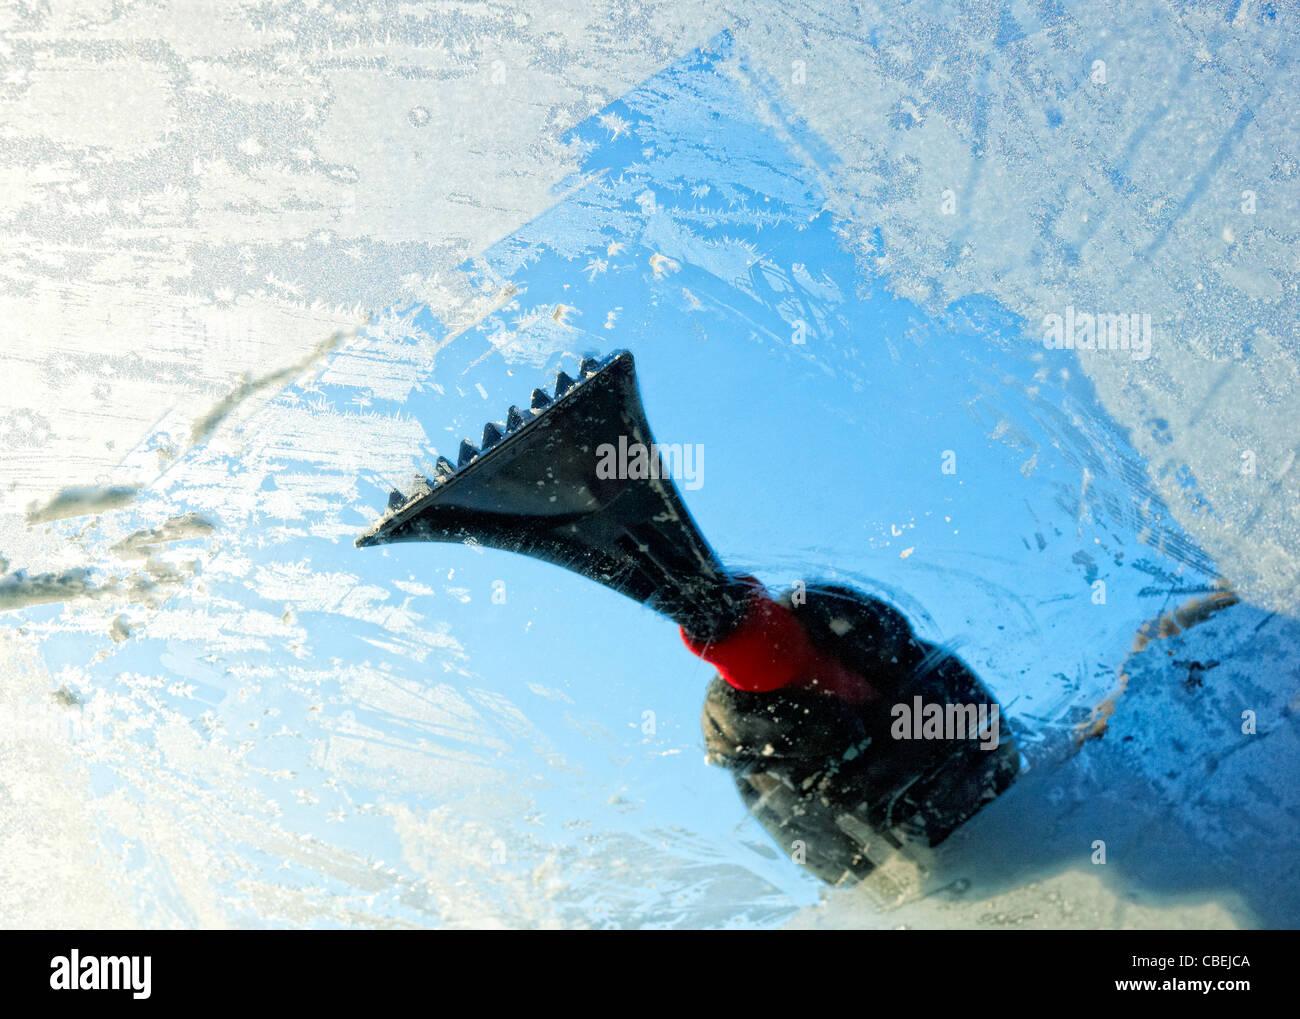 La raschiatura di ghiaccio da un parabrezza di automobile, vista dall'interno. Foto Stock